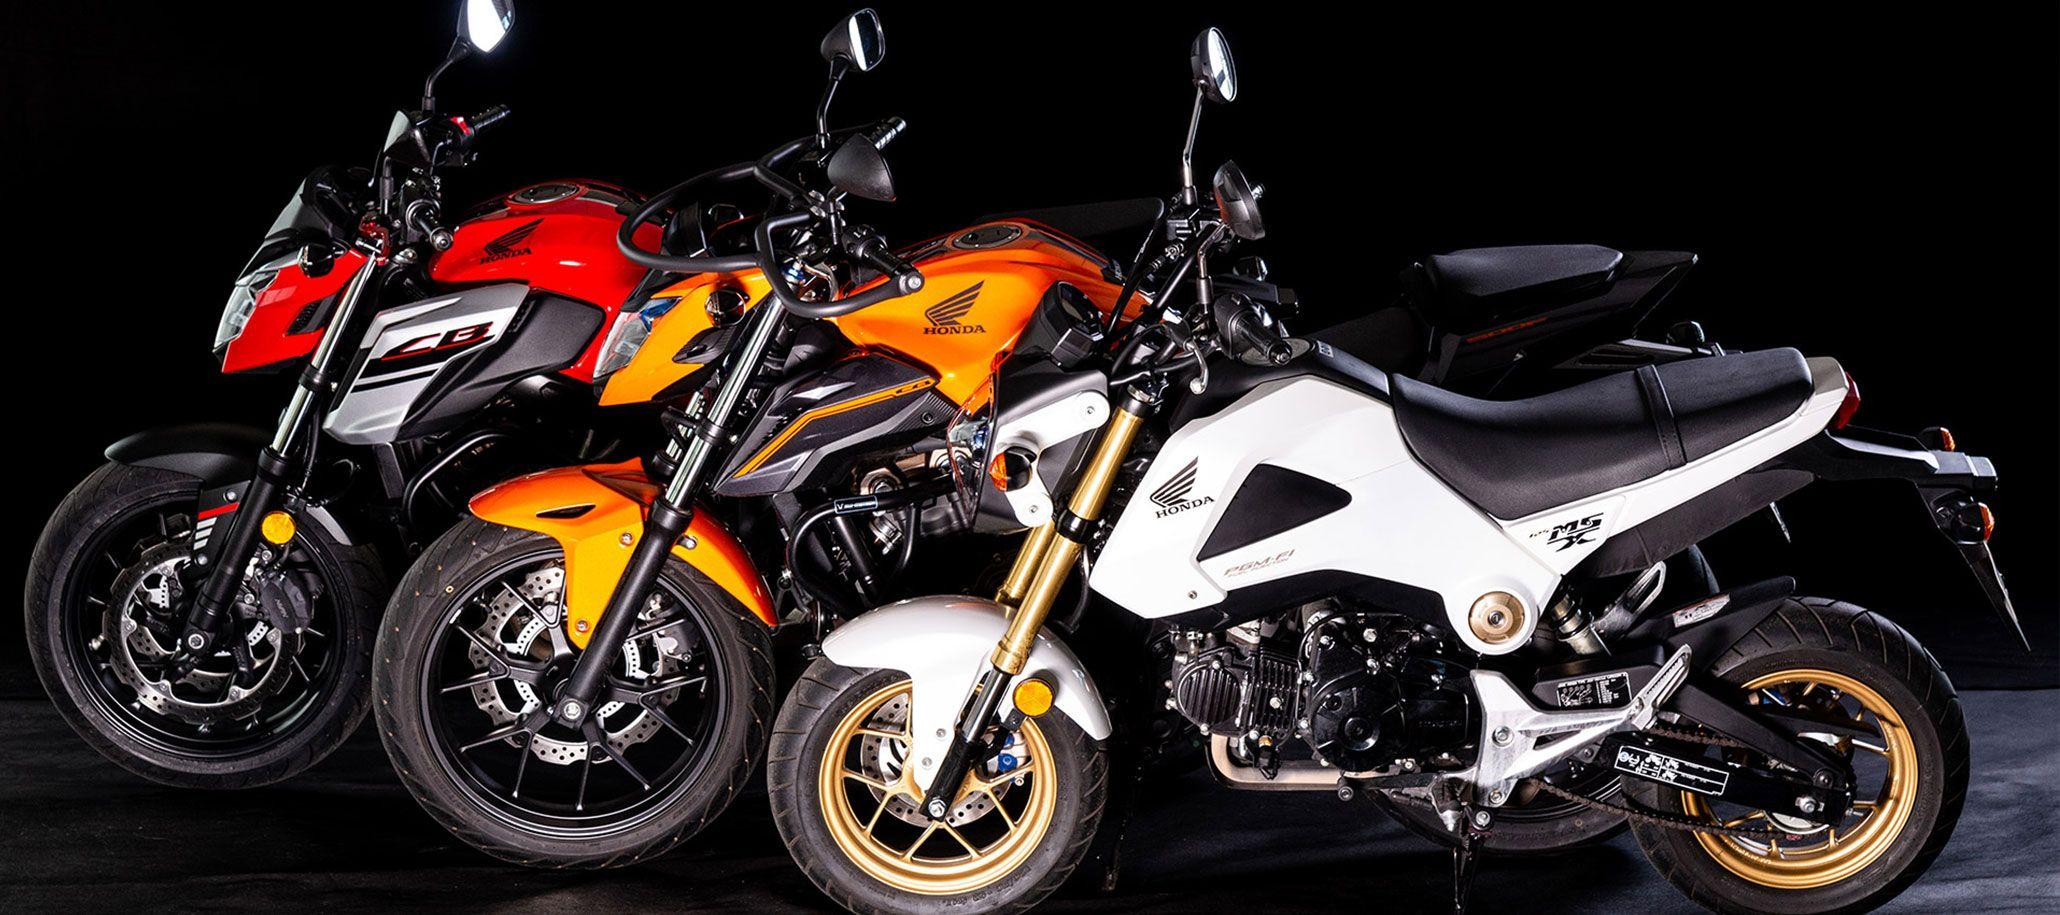 Motorrad Ausbildung in Berlin - Klassenaufstieg - 3 Motorräder